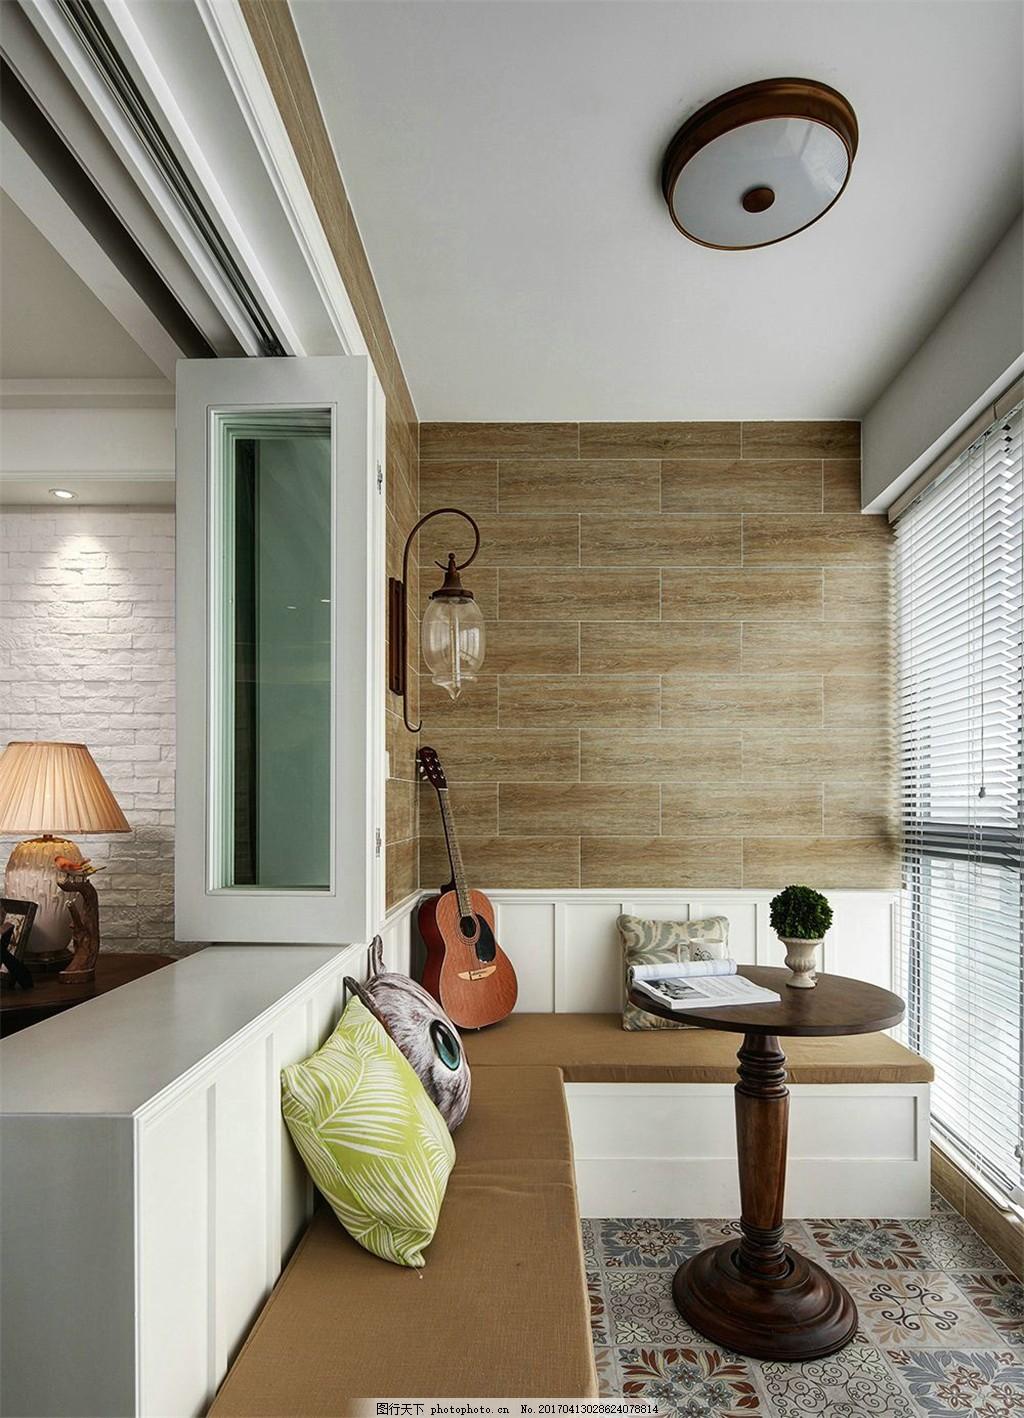 美式时尚休闲区设计图 家居 家居生活 室内设计 装修 家具 装修设计图片